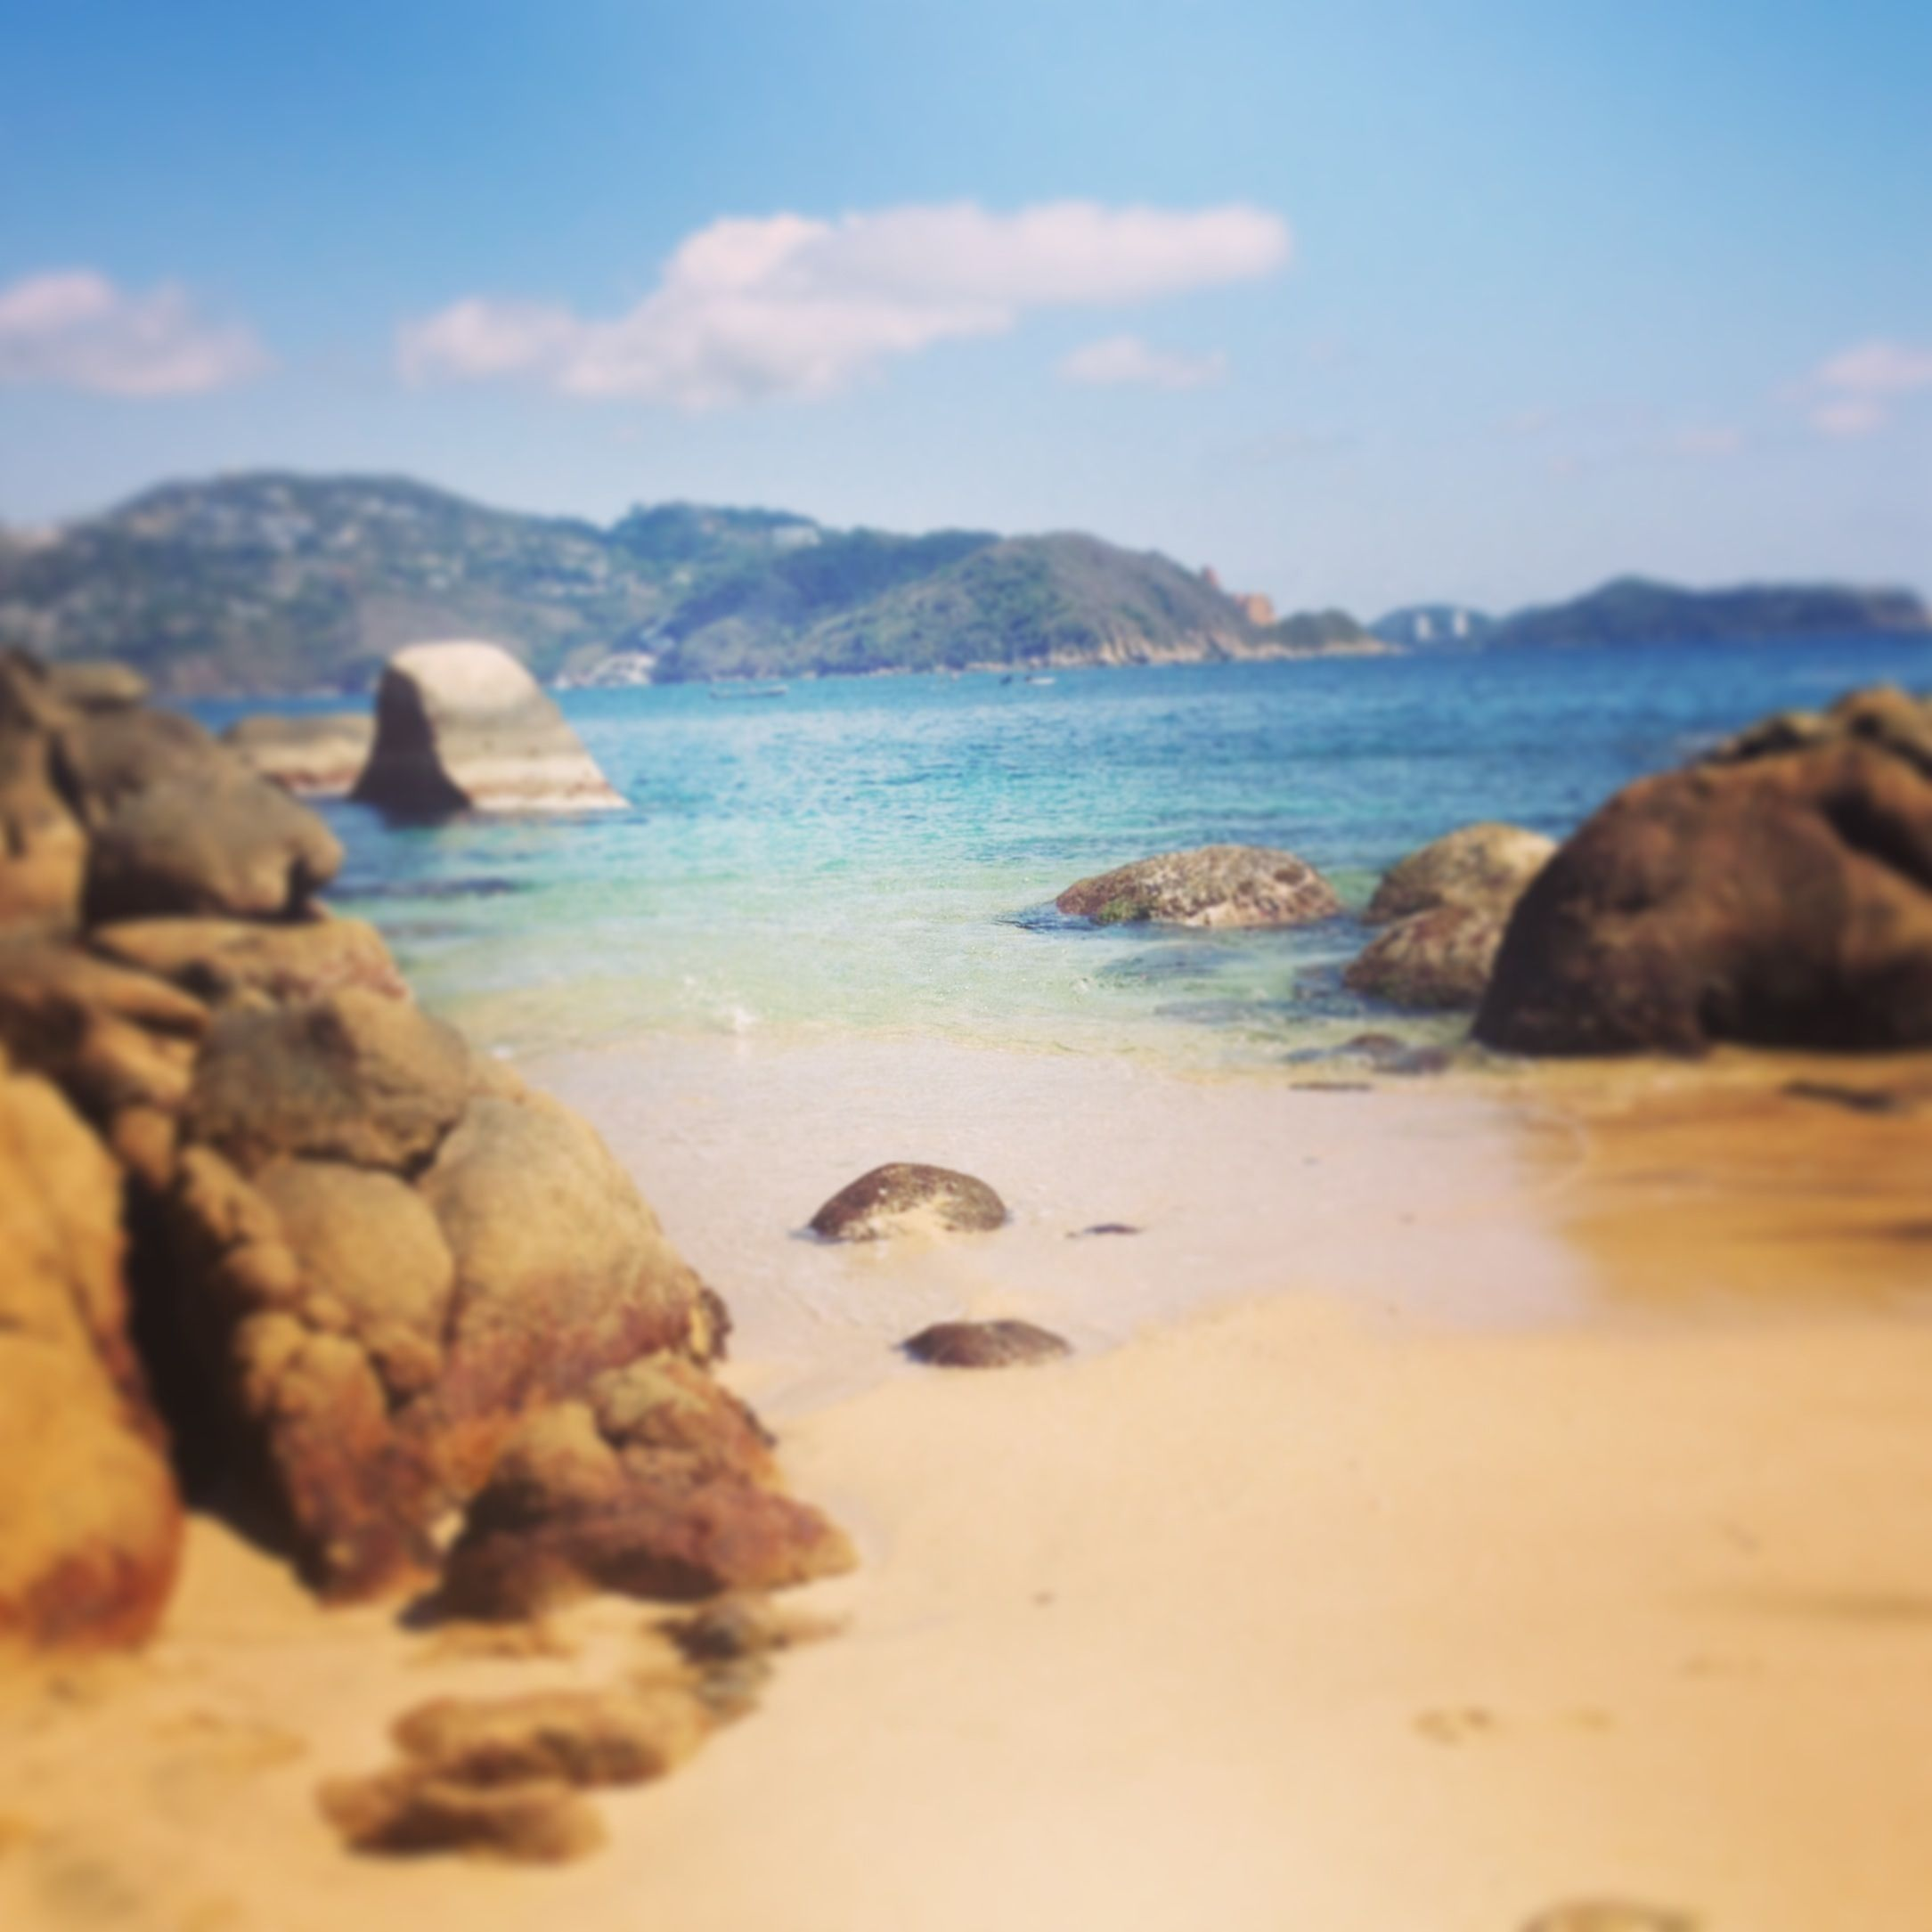 Playa Palmitas #Acapulco #Mexico